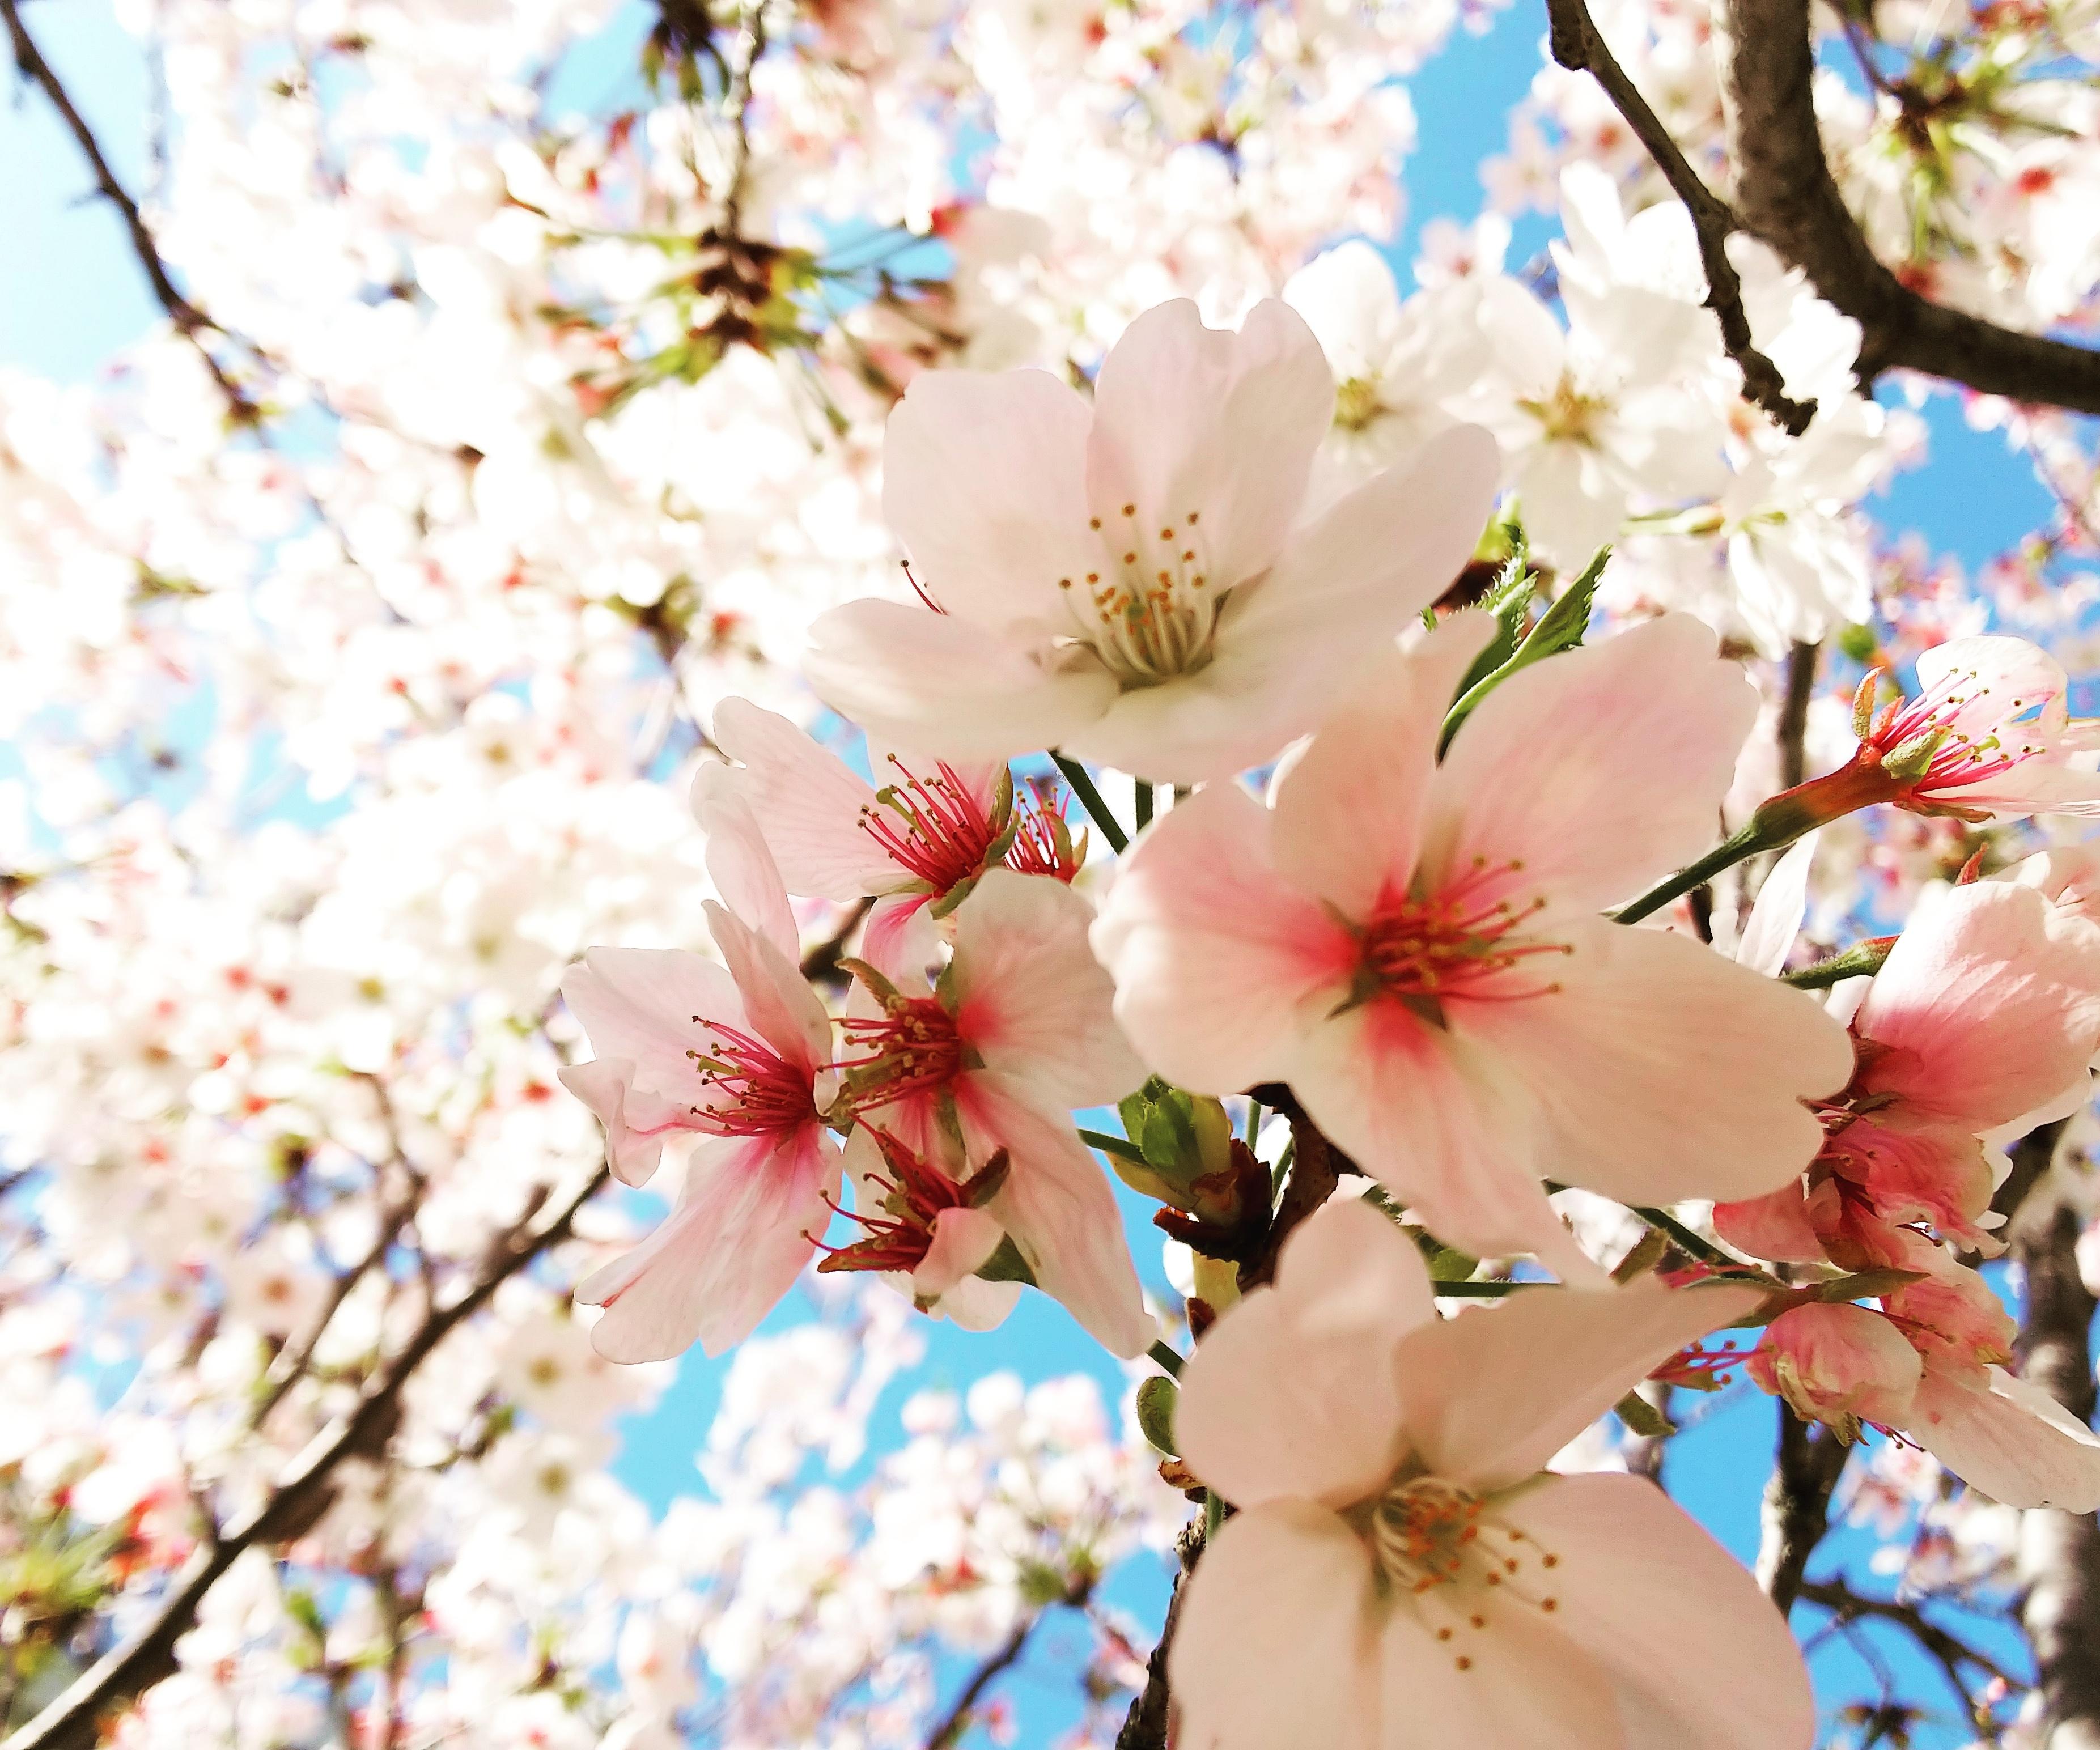 http://kumashiyo.sakura.ne.jp/blog/t/IMG_20180328_143445_862.jpg